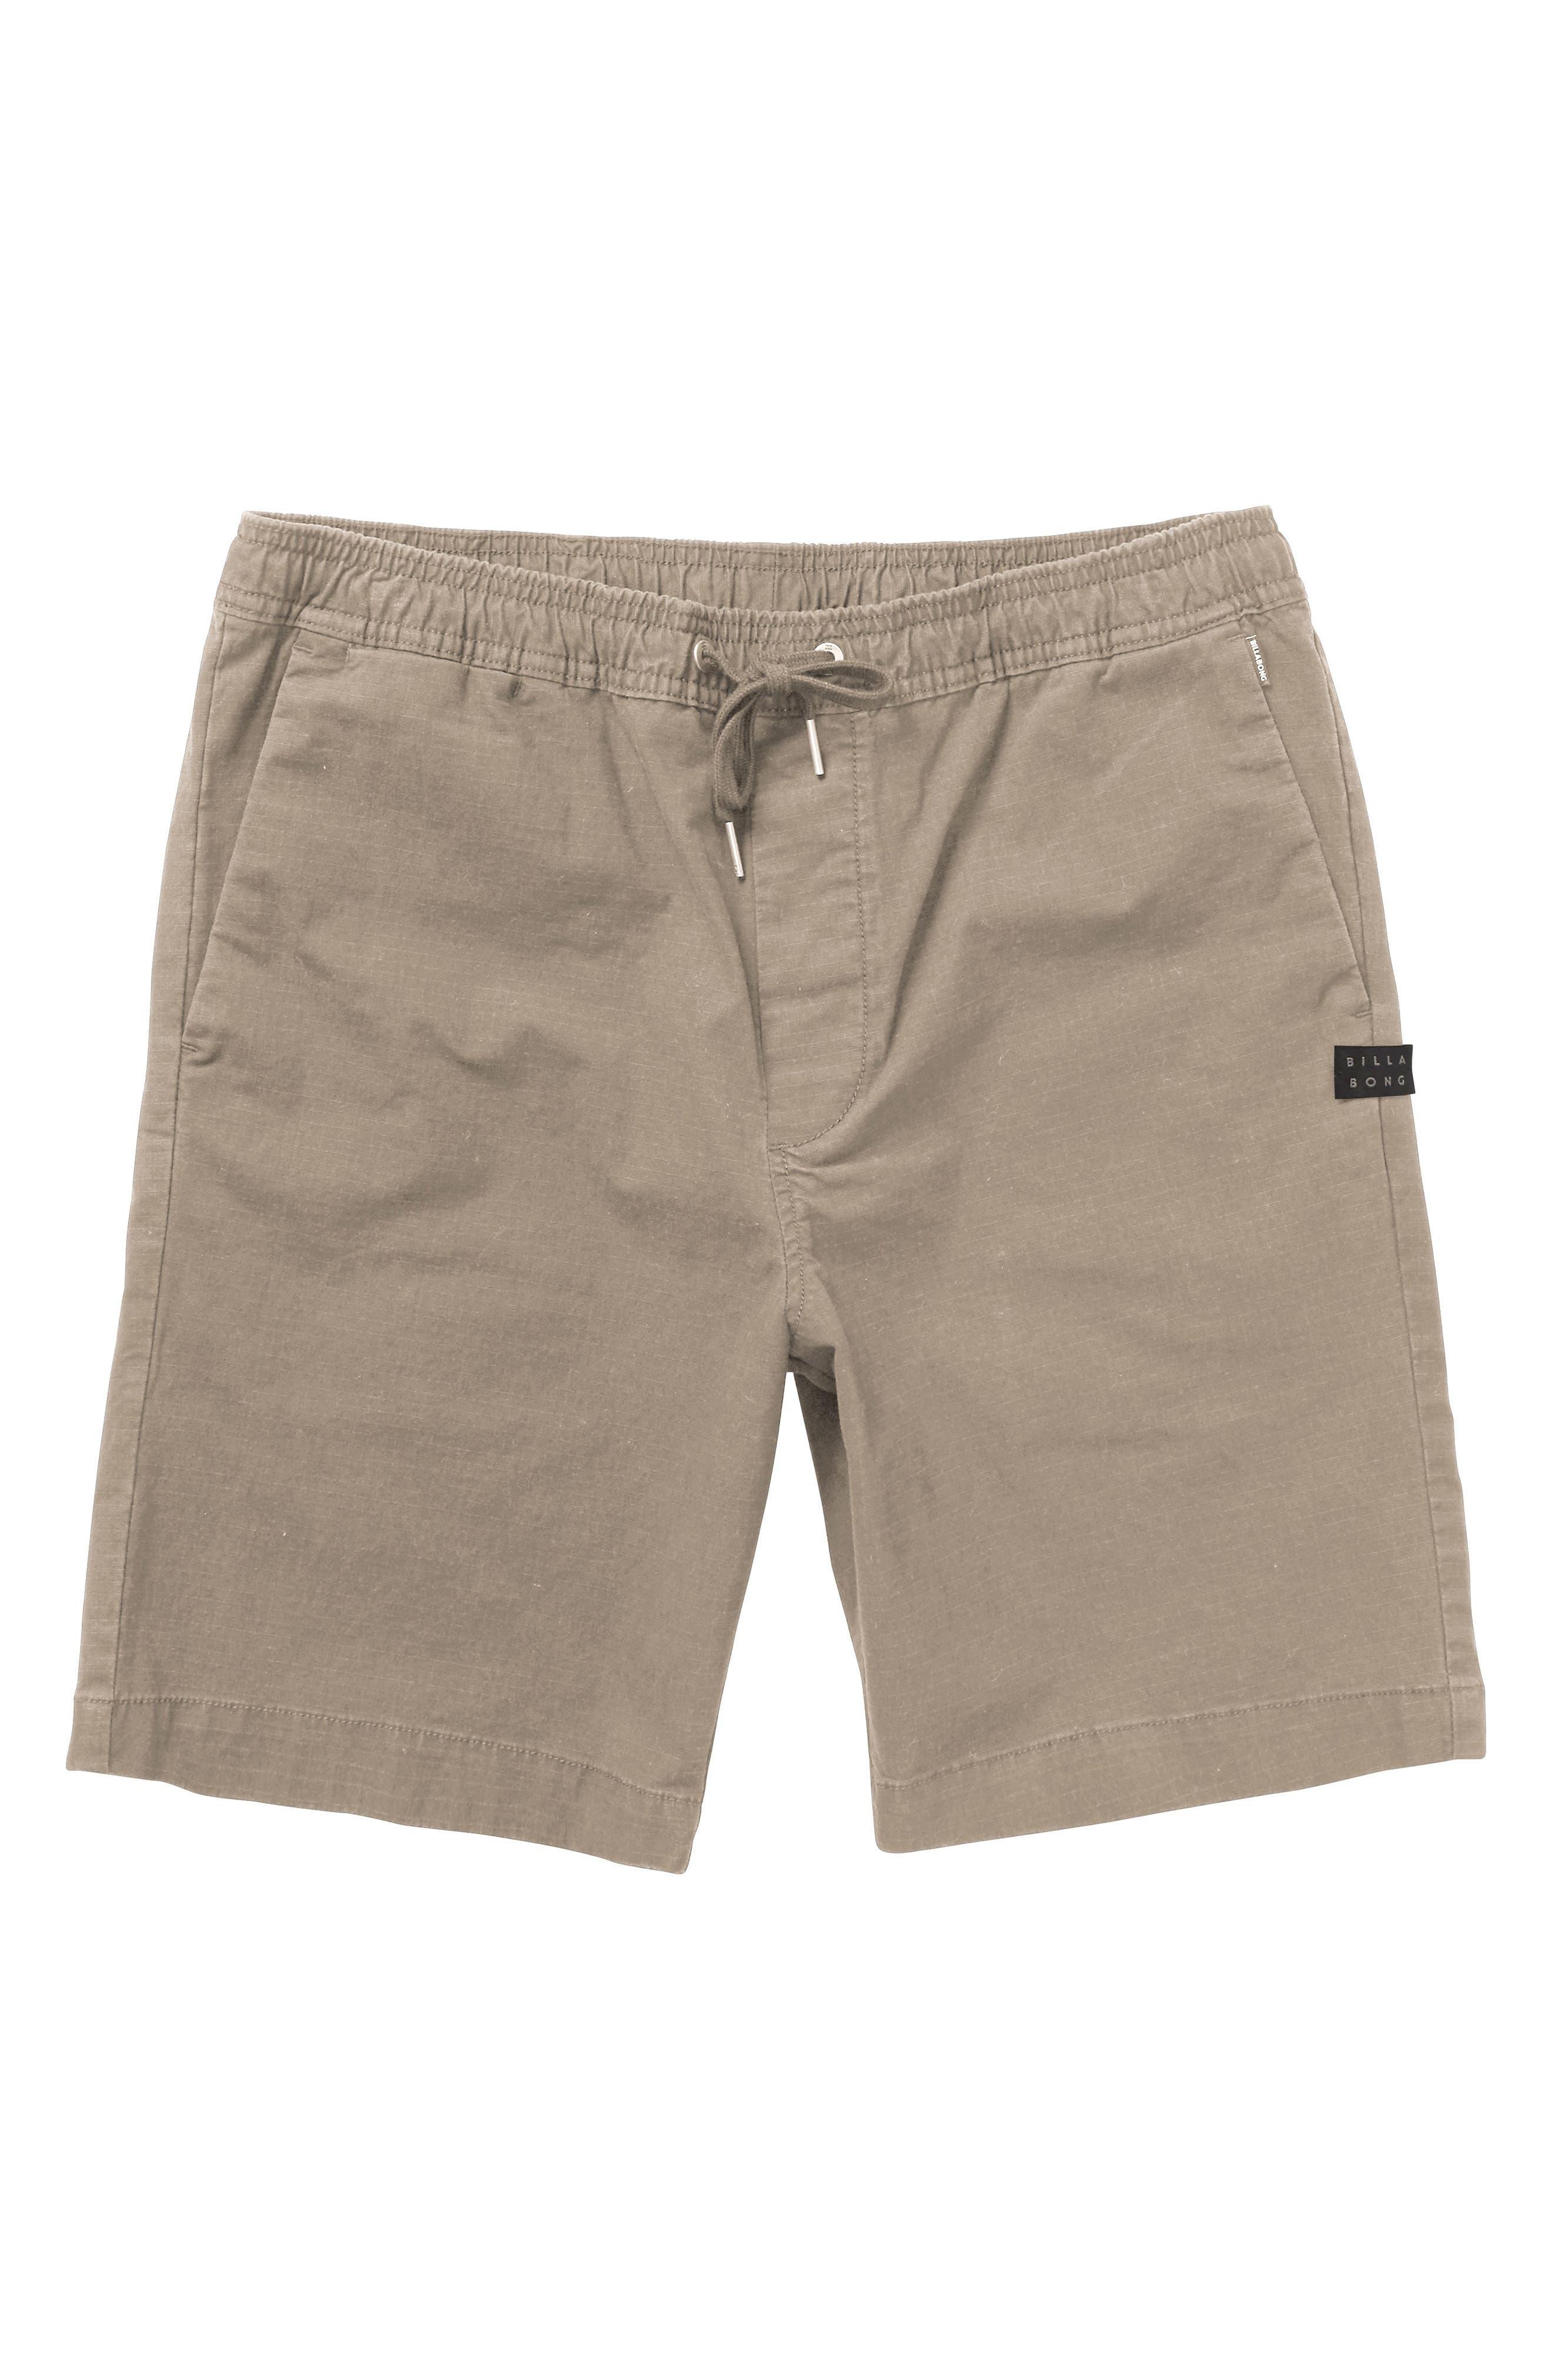 Larry Layback Shorts,                             Main thumbnail 1, color,                             Light Khaki